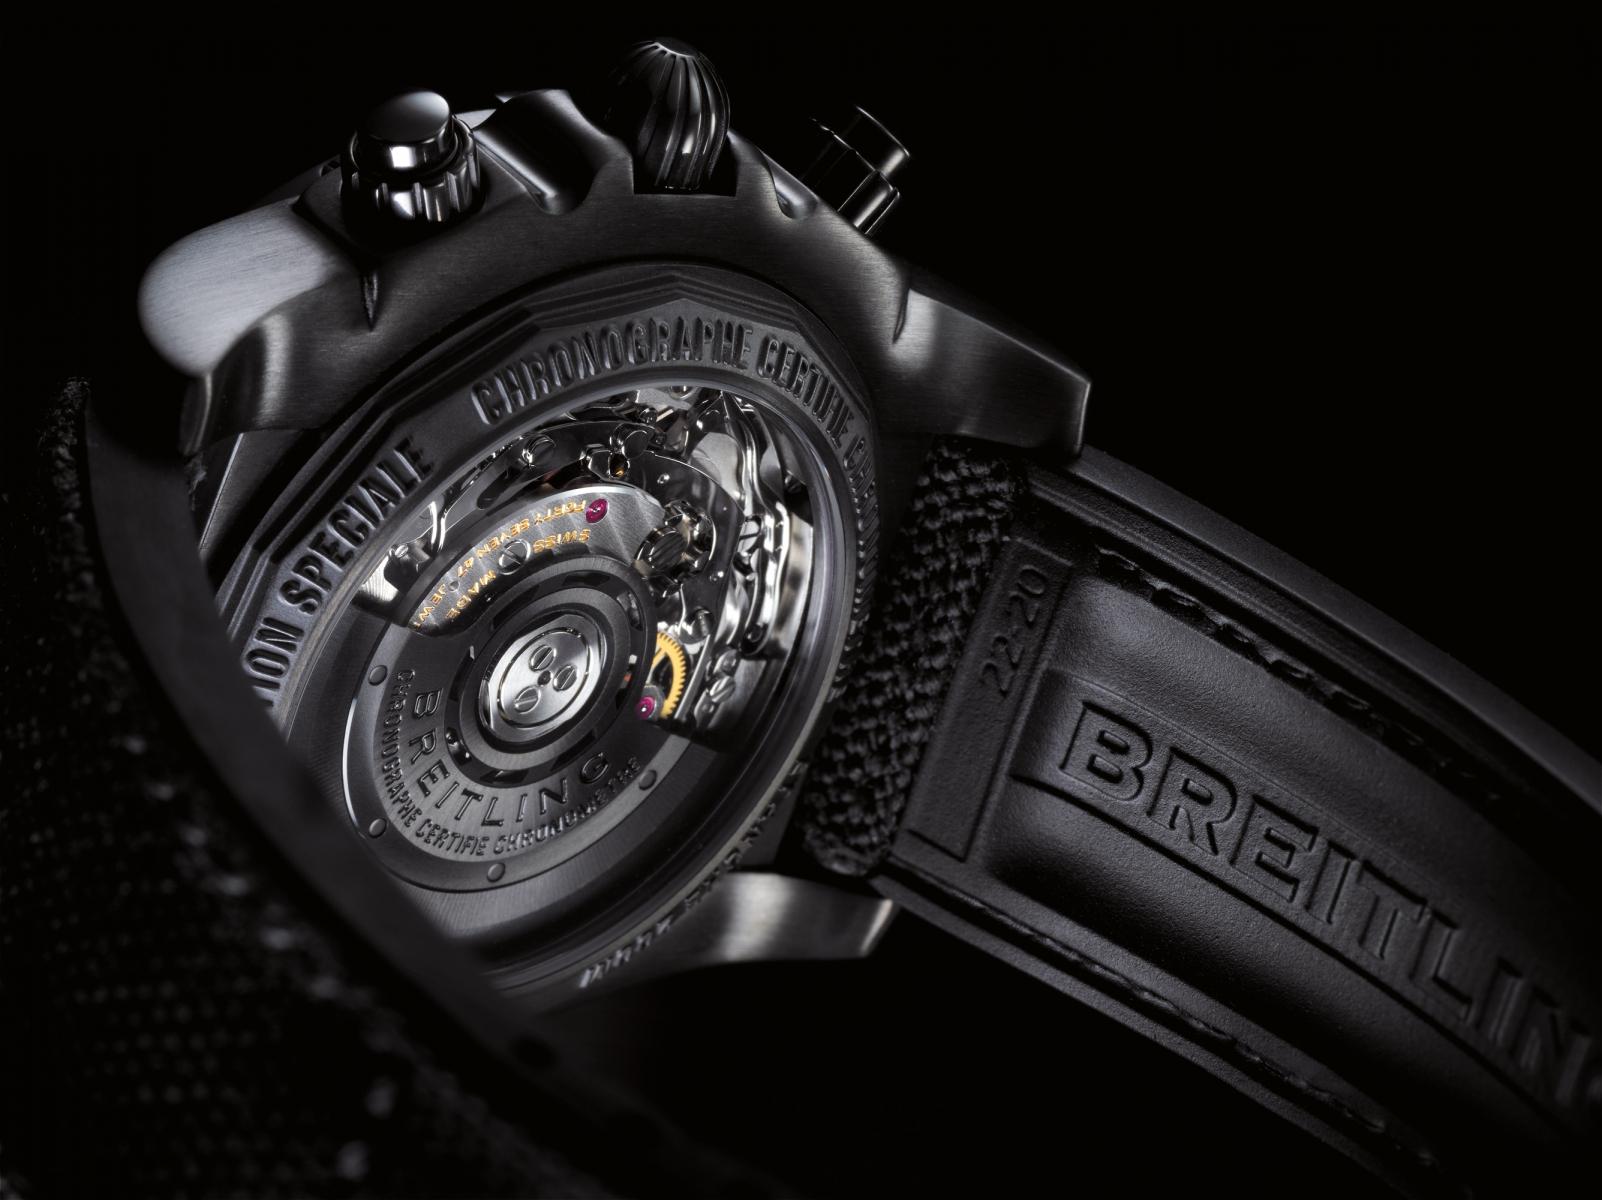 Breitling Chronomat Military